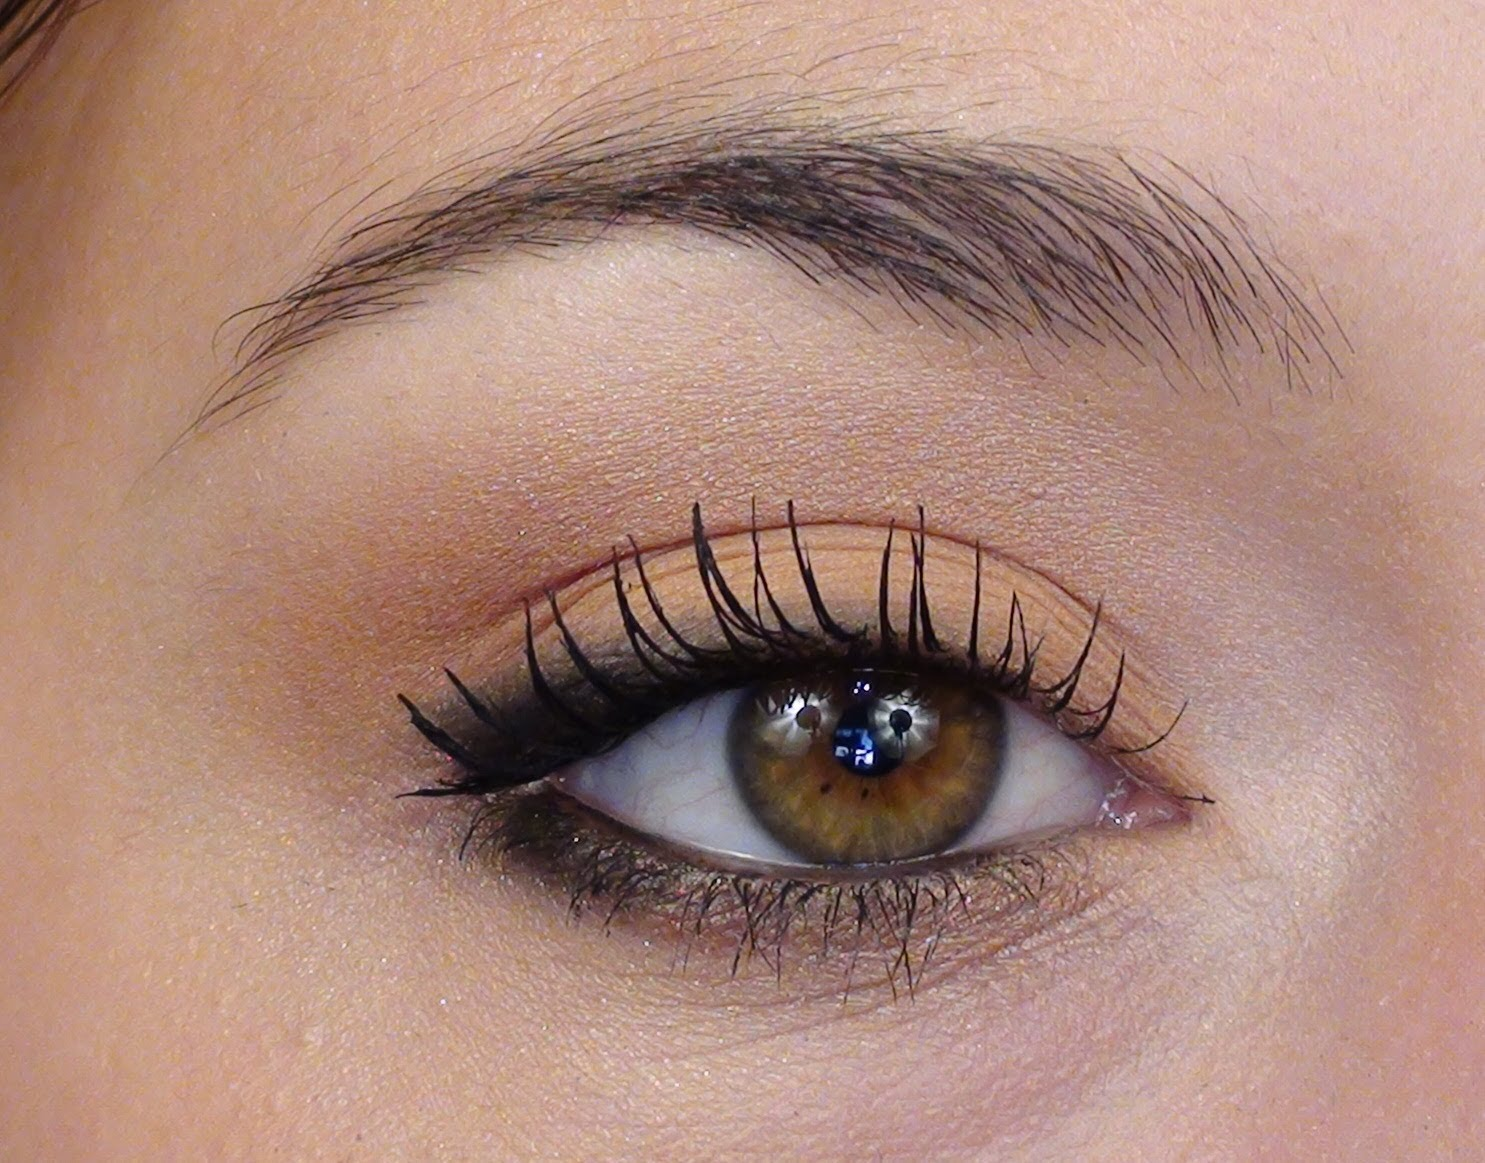 maquillage des yeux l ger maquillage des yeux. Black Bedroom Furniture Sets. Home Design Ideas